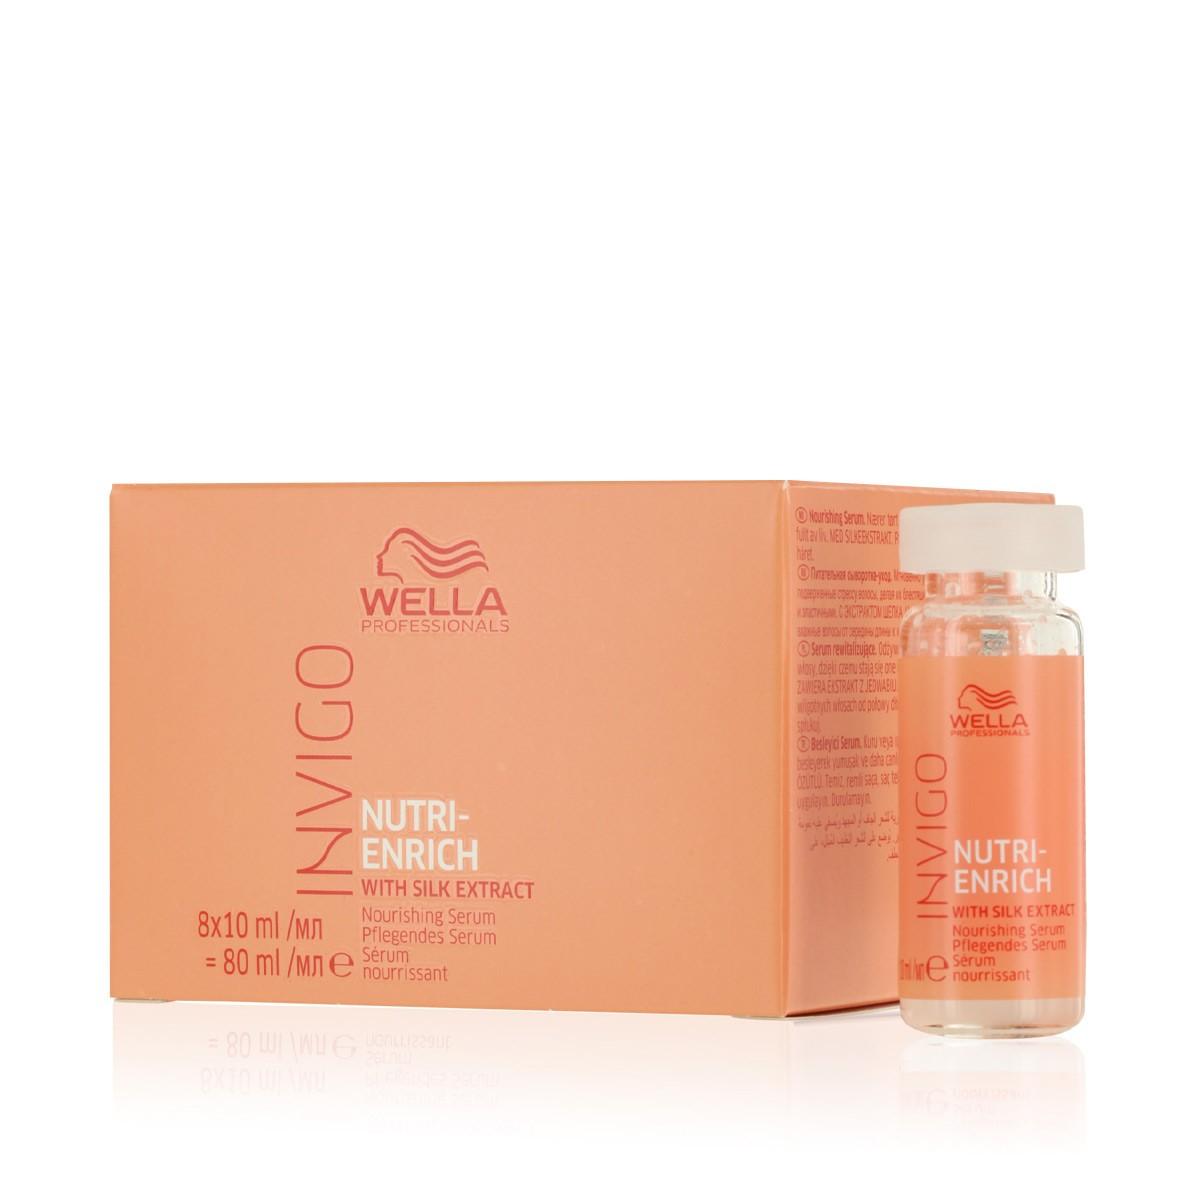 WELLA Invigo Nutri-Enrich Nourishing Serum 8x10ml - Ampułki / kuracja serum intensywnie nawilżające